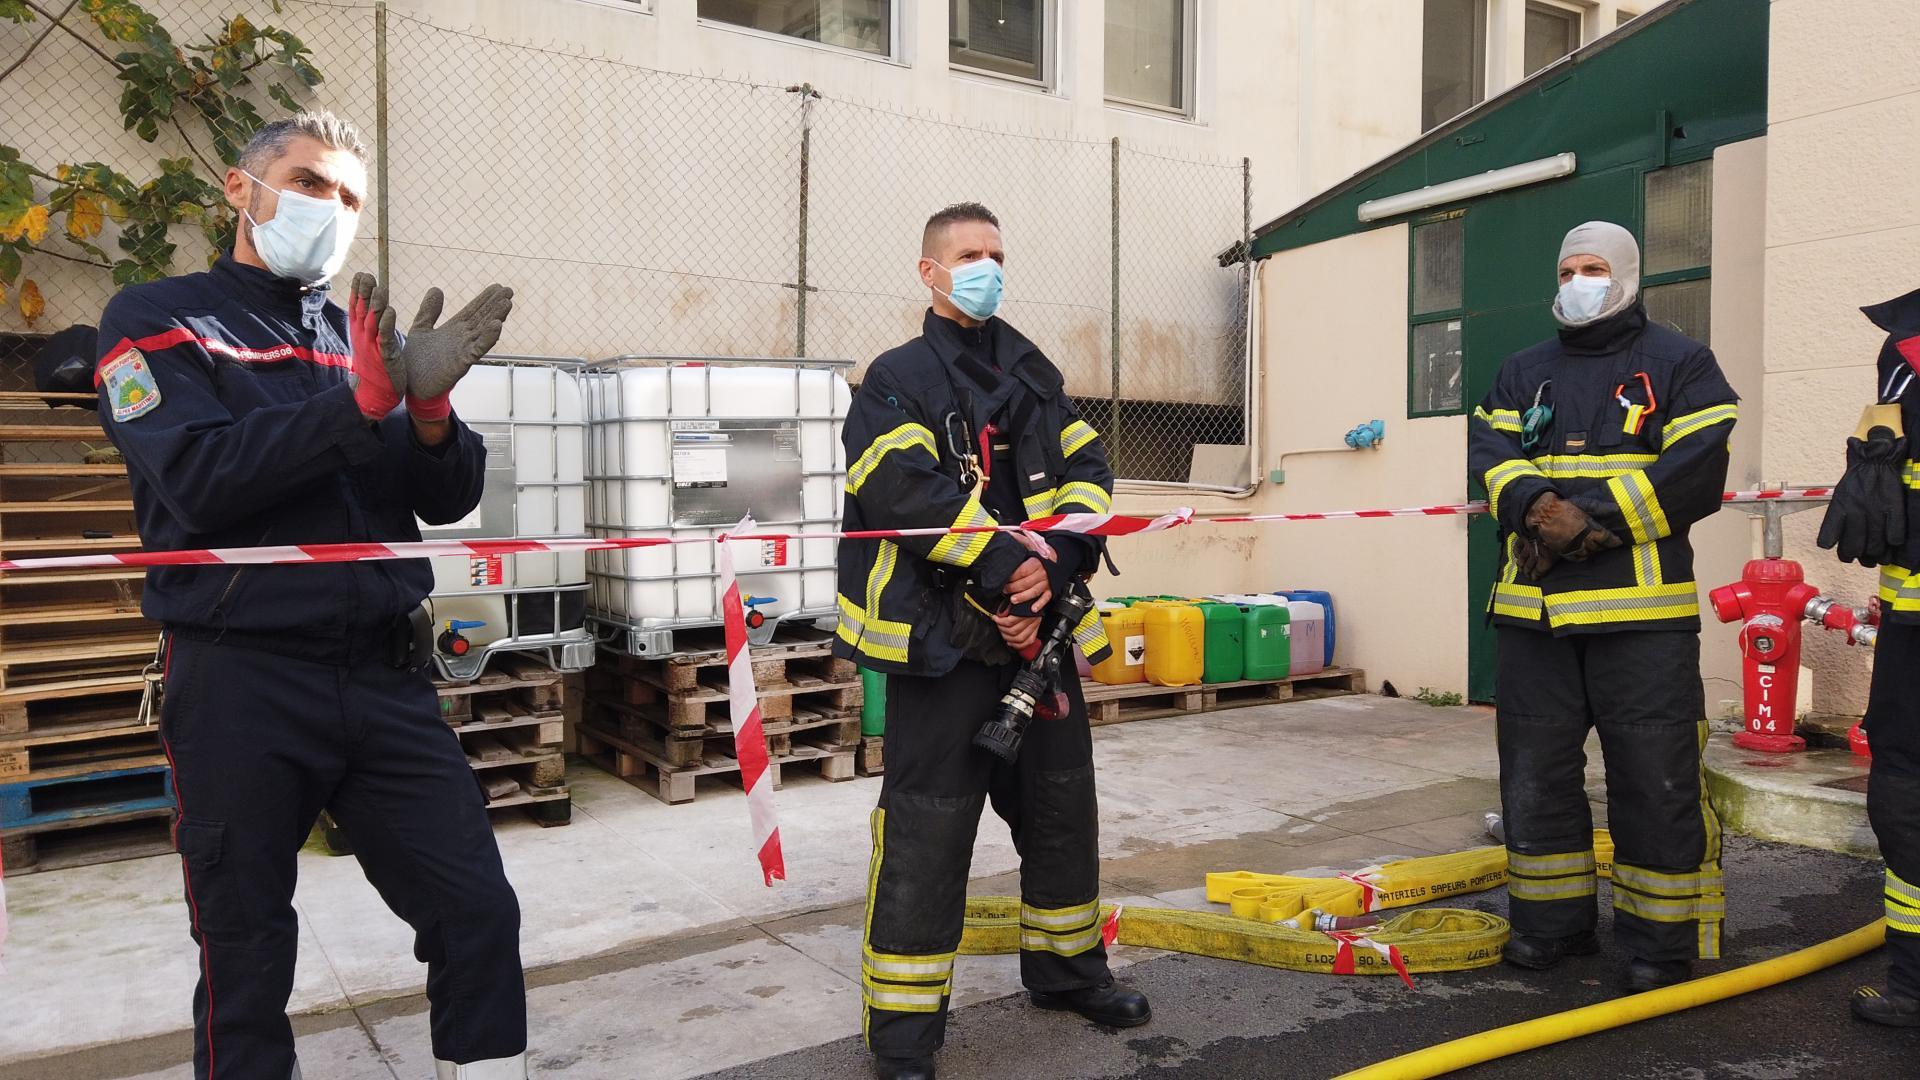 Pompiers de Nice - Manoeuvre de la garde